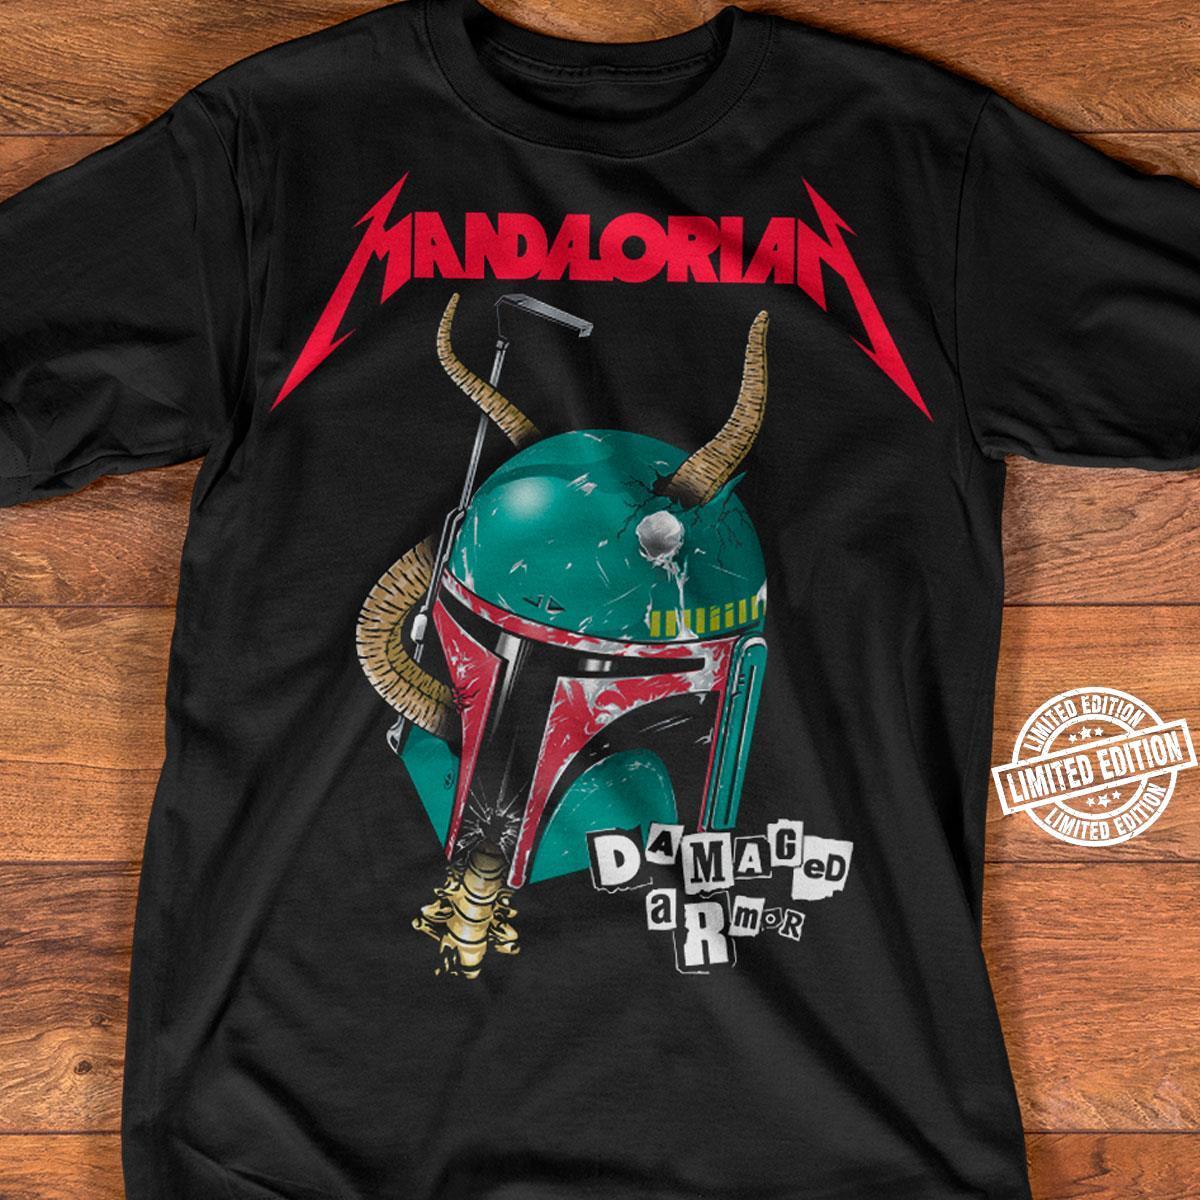 Mandalorian damaged armor shirt